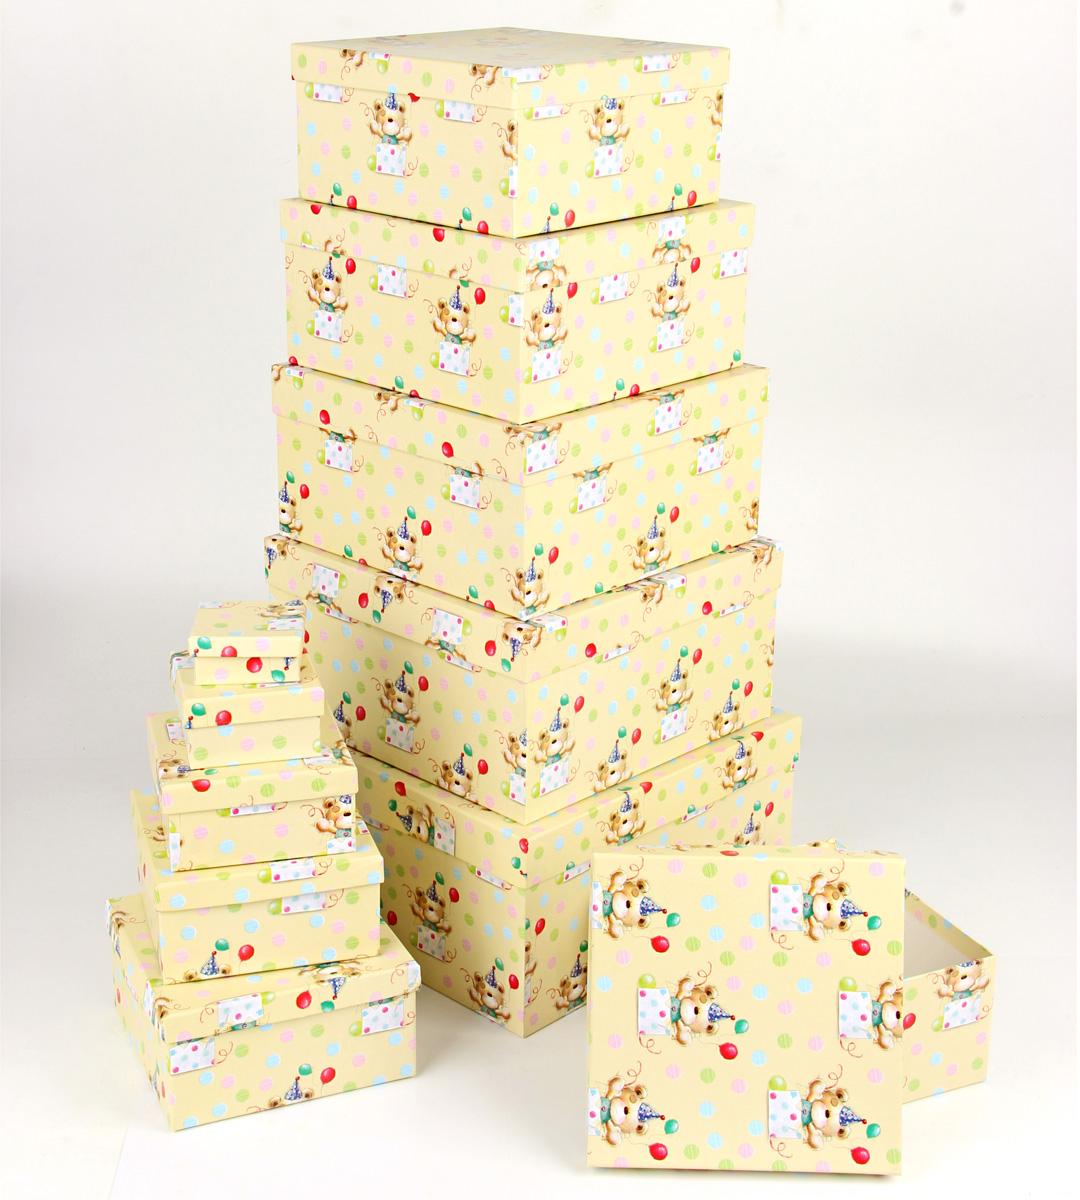 Набор подарочных коробок Veld-Co С днем варенья, 11 шт67696Подарочные коробки Veld-Co - это наилучшее решение, если выхотите порадовать ваших близких и создать праздничное настроение, ведь подарок, преподнесенный в оригинальной упаковке, всегда будет самым эффектным и запоминающимся. Окружите близких людей вниманием и заботой, вручив презент в нарядном, праздничном оформлении.